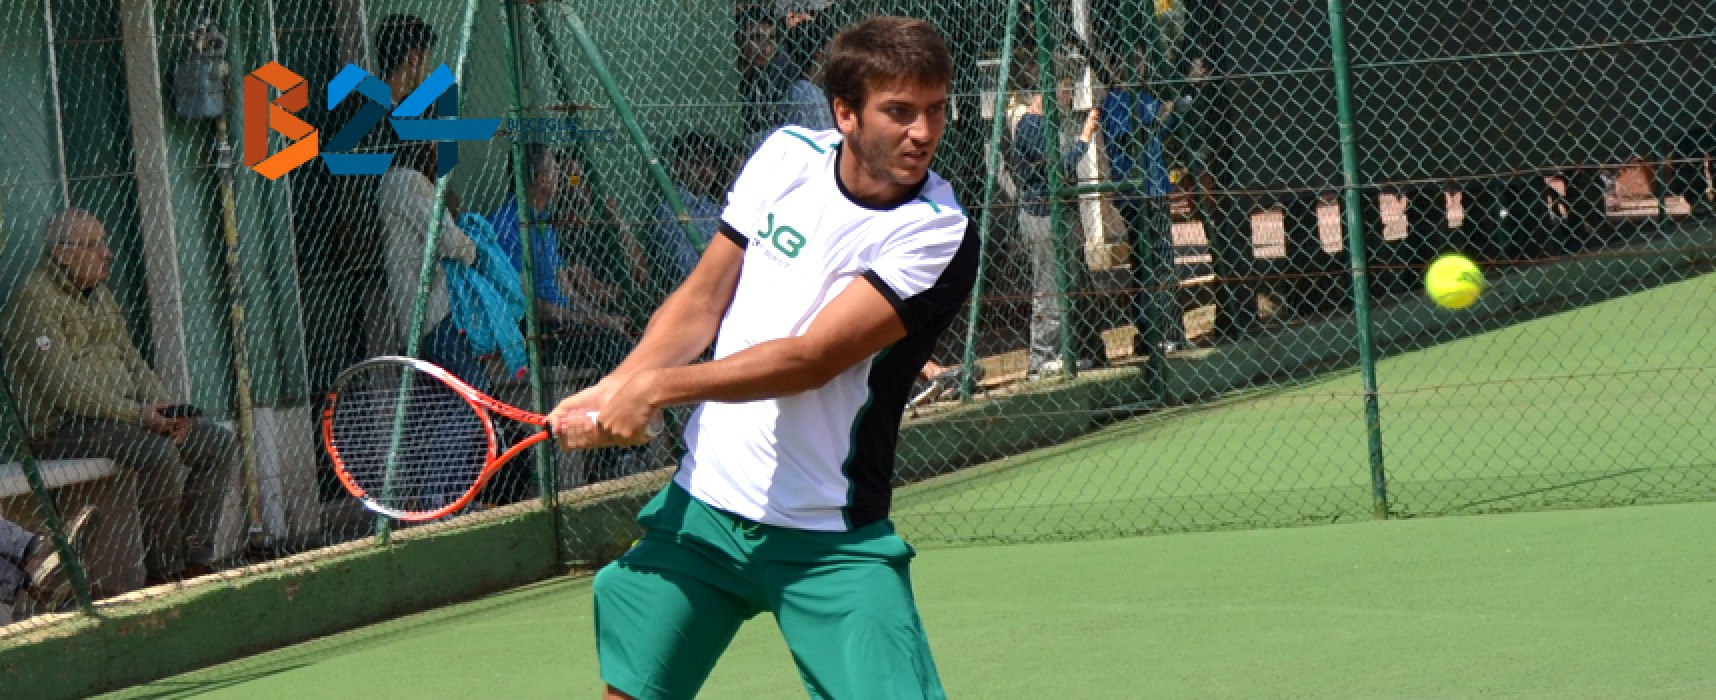 Tennis, Valentin Florez vince il Memorial Daloiso a Margherita di Savoia